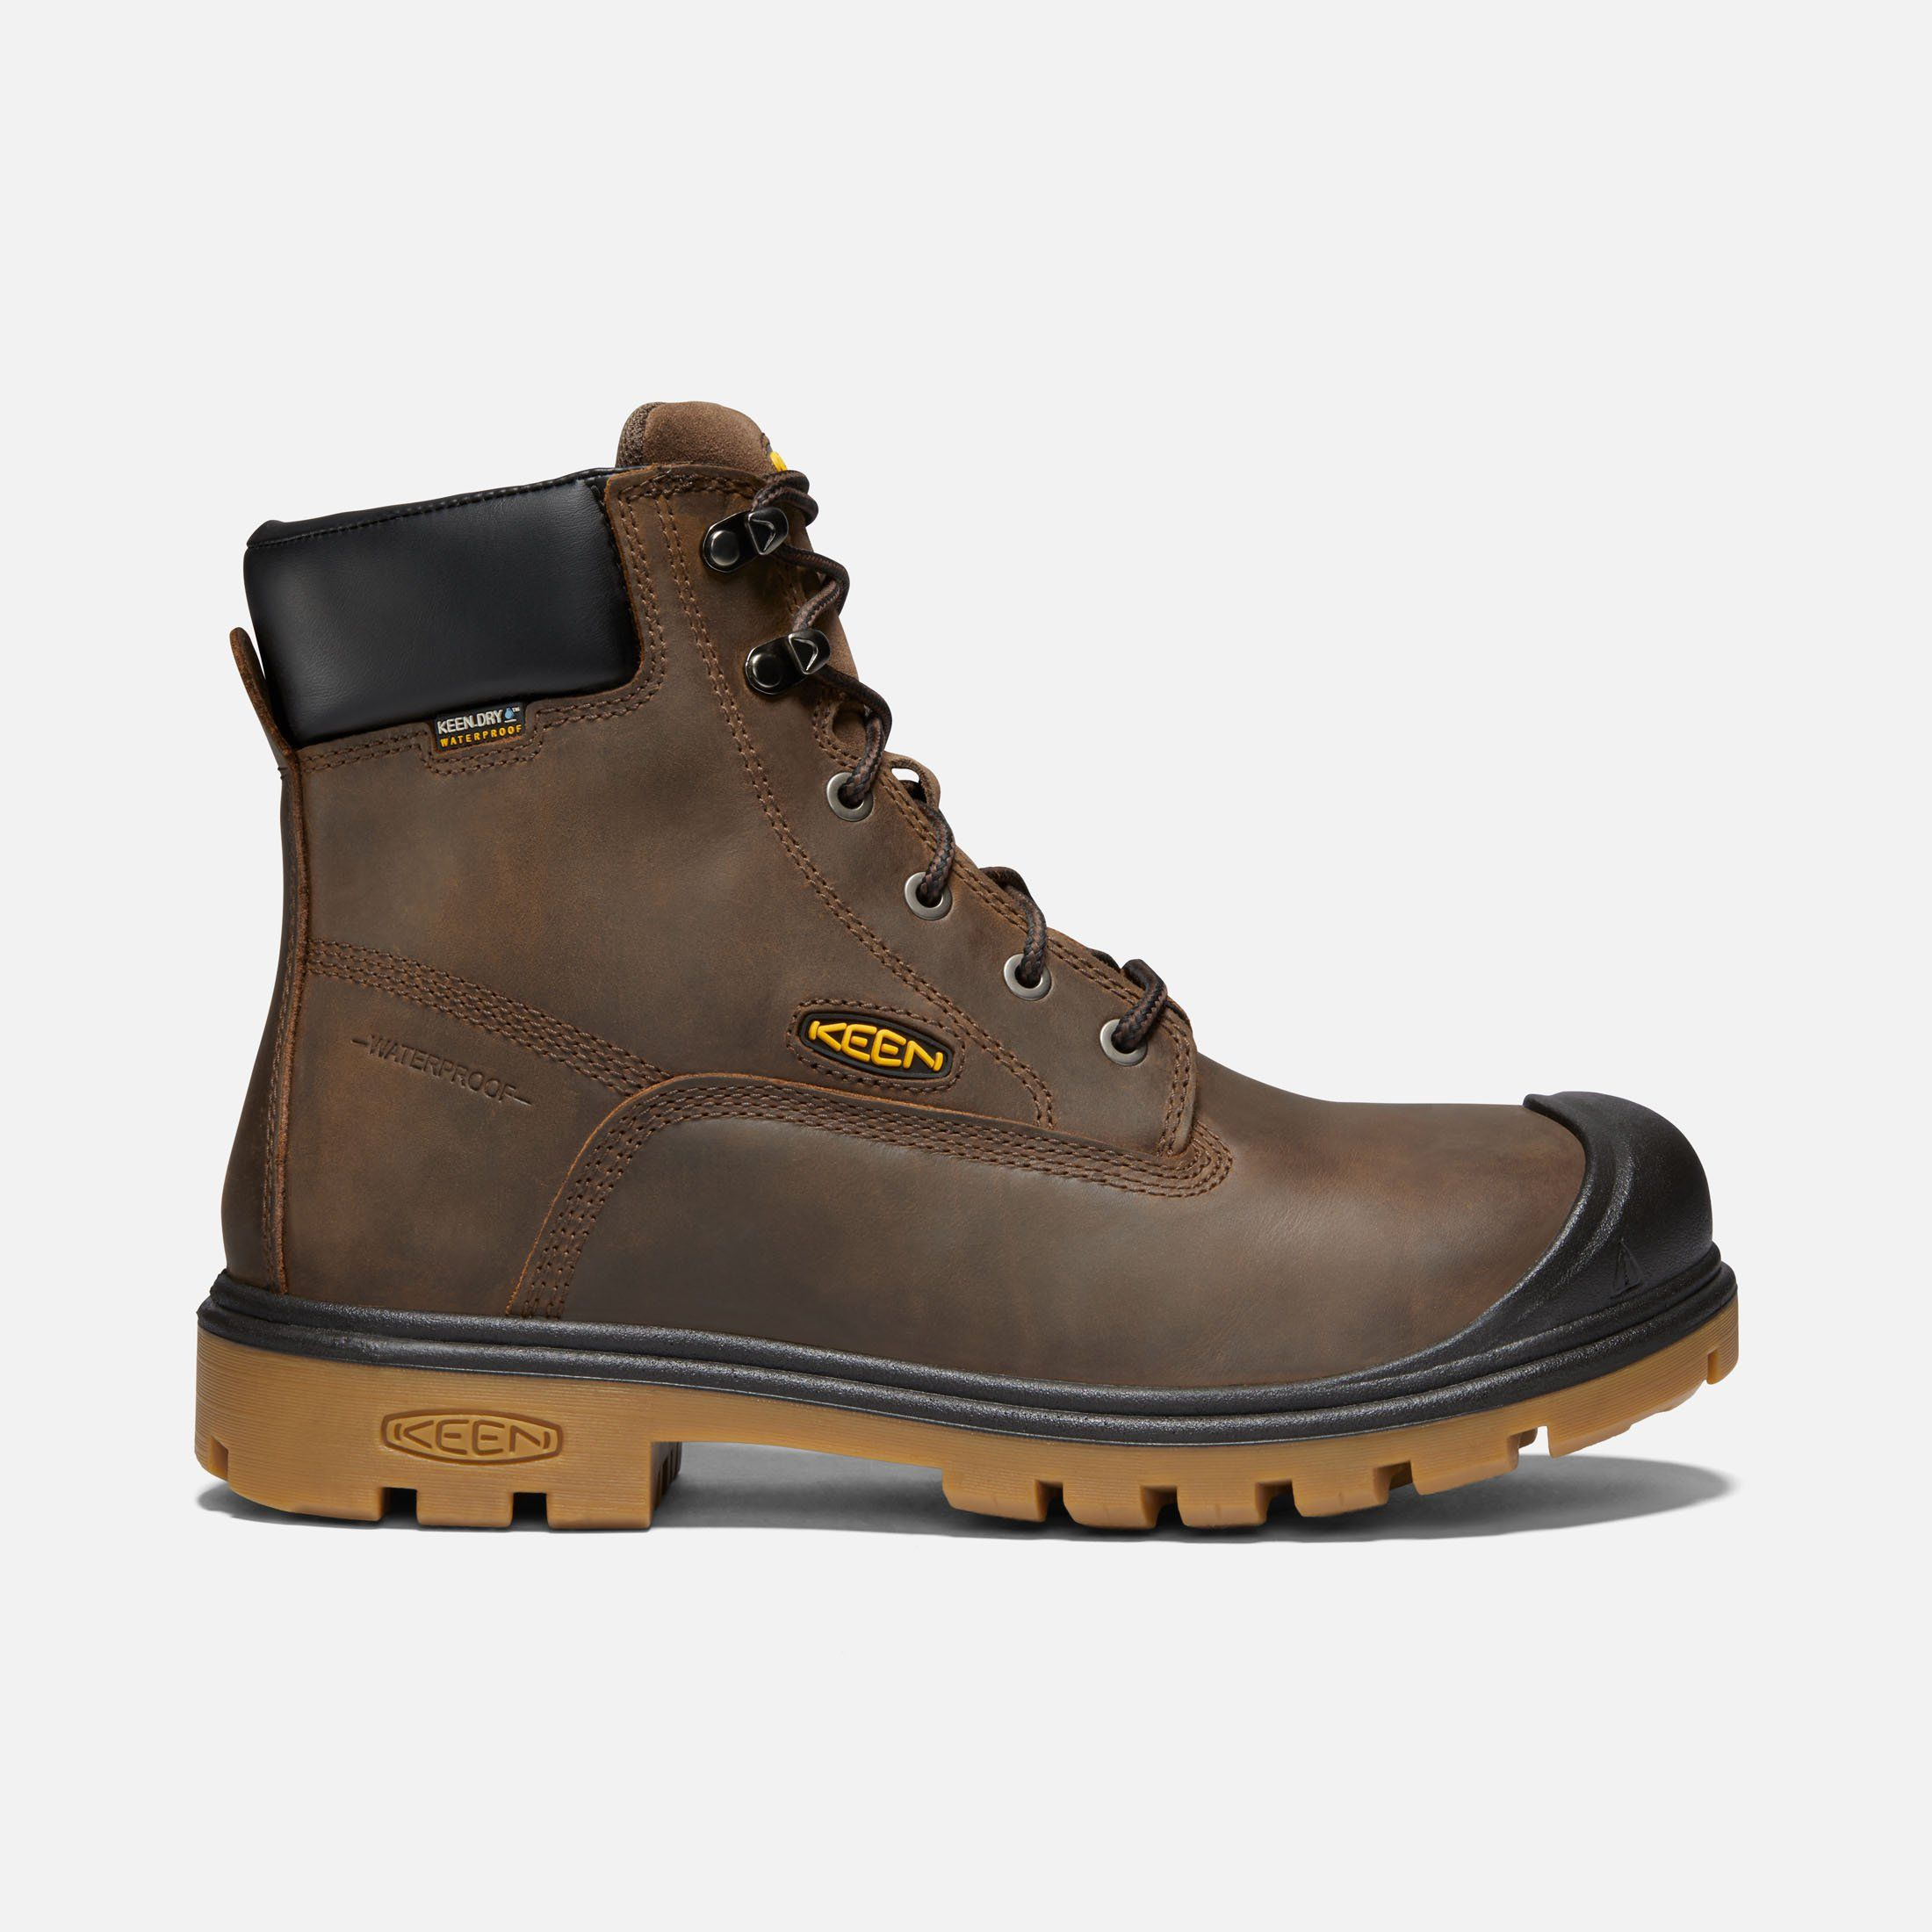 Keen Men S Waterproof Steel Toe Boots Baltimore 6 10 5 Wide